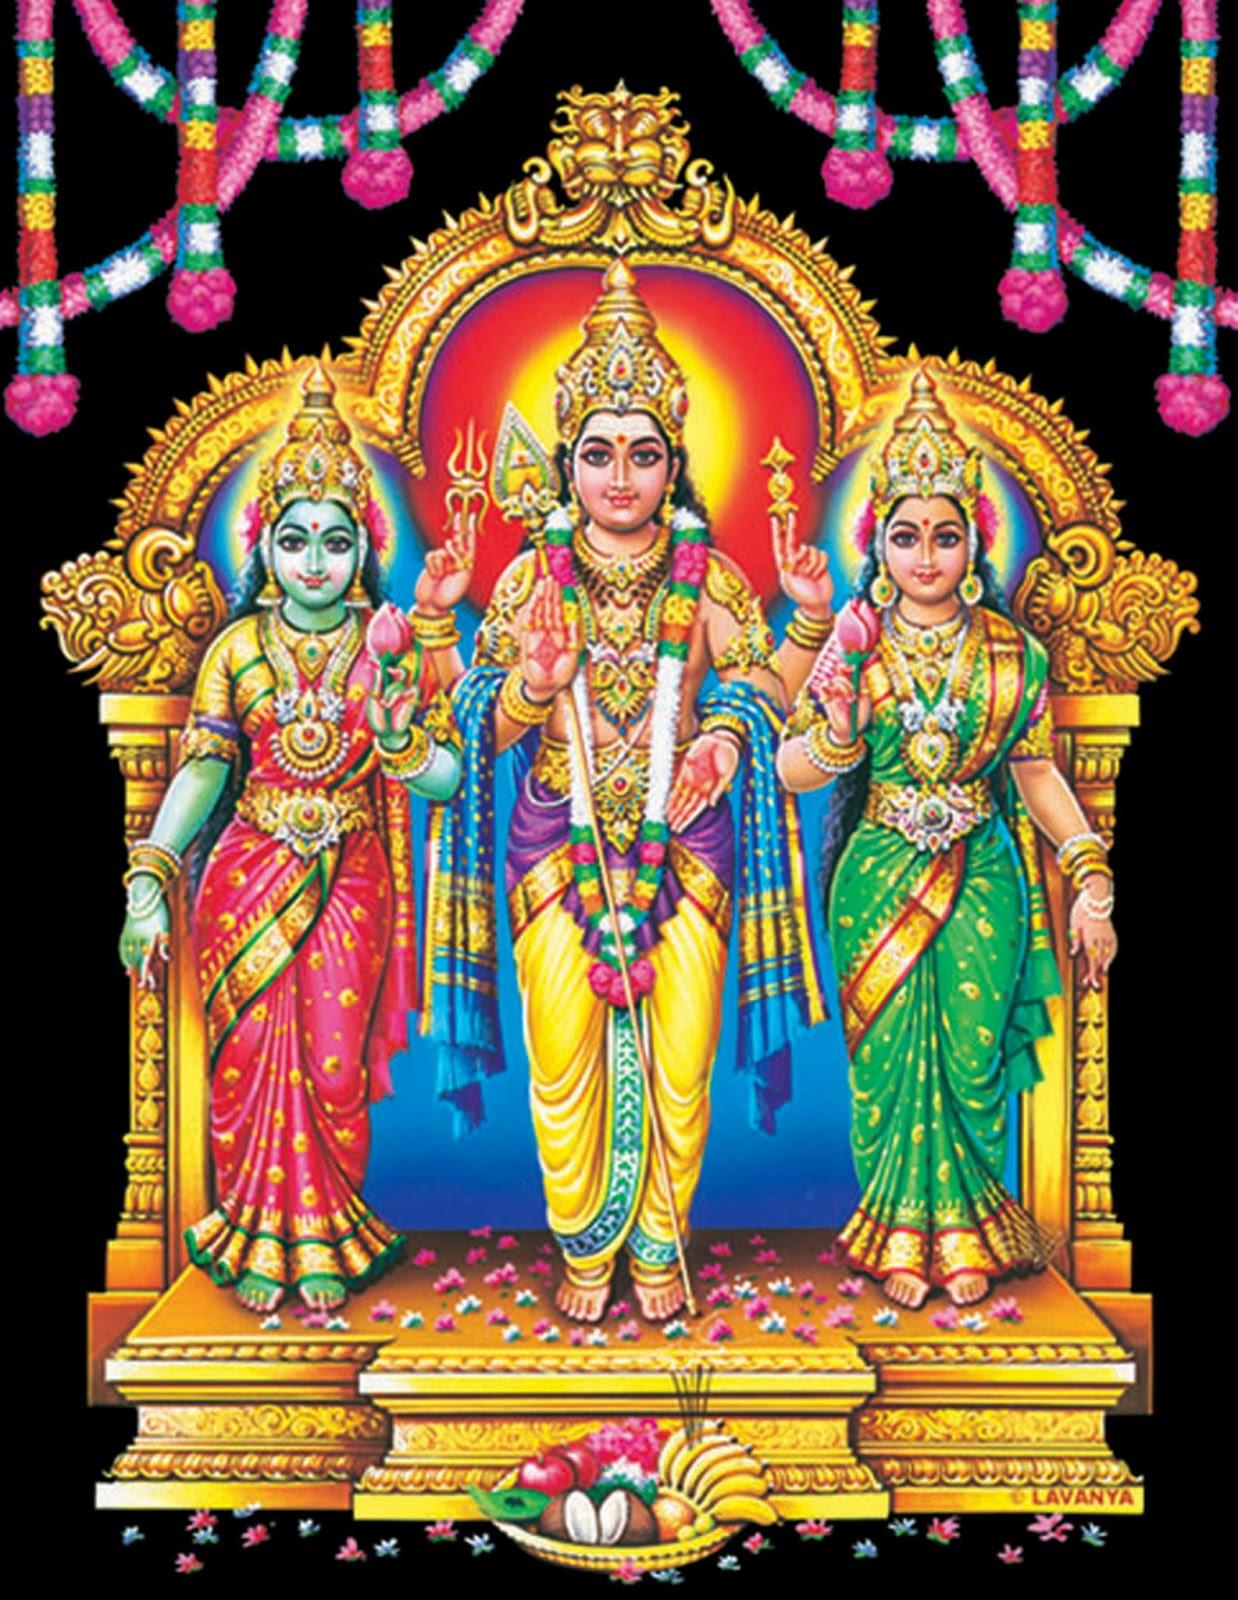 Lord murugan hd photo download